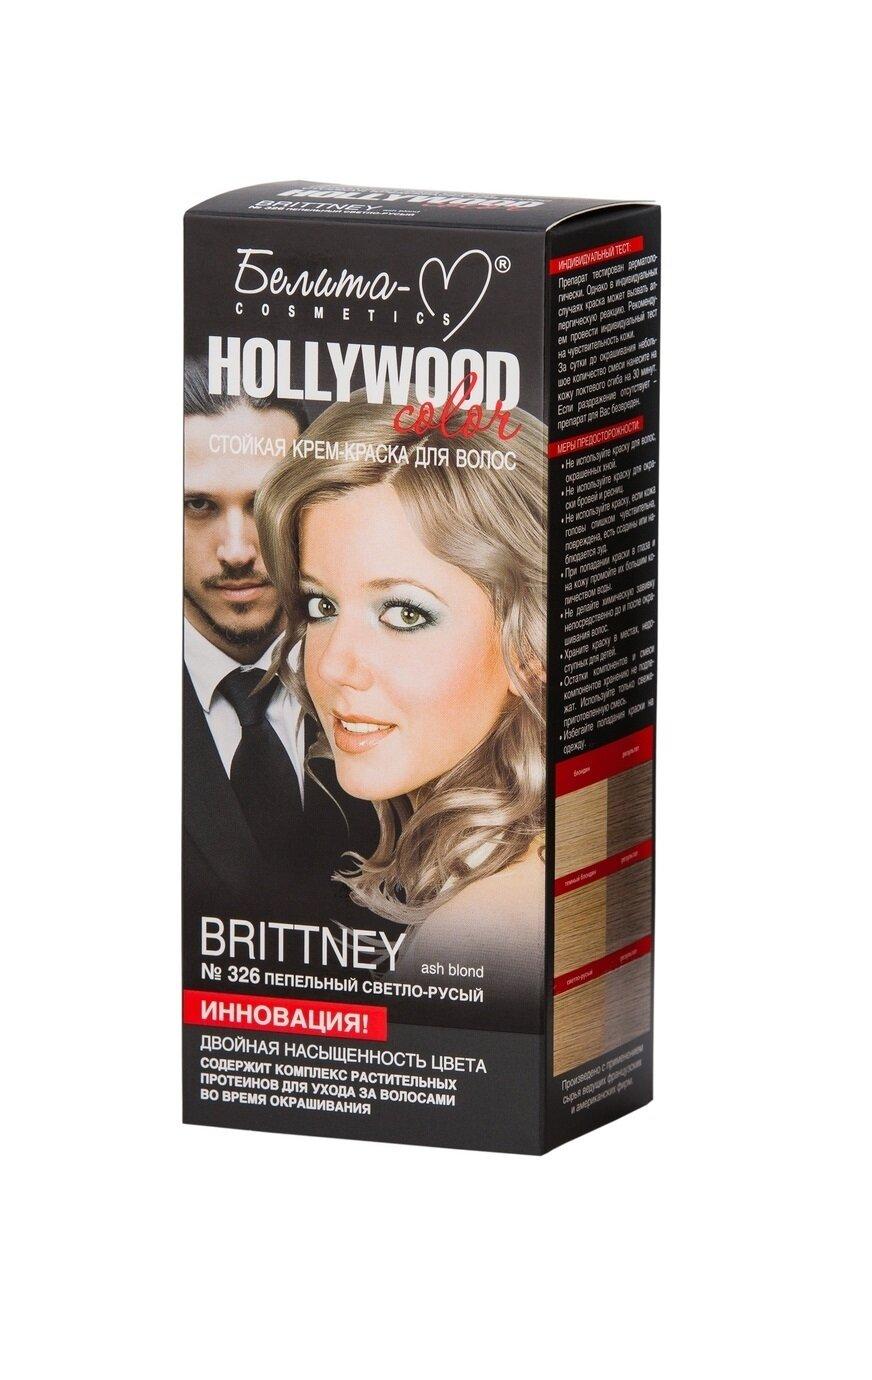 КРЕМ-КРАСКА стойка для волос Hollywood color | тон 326 Brittney (пепельный светло-русый) | Belita-M